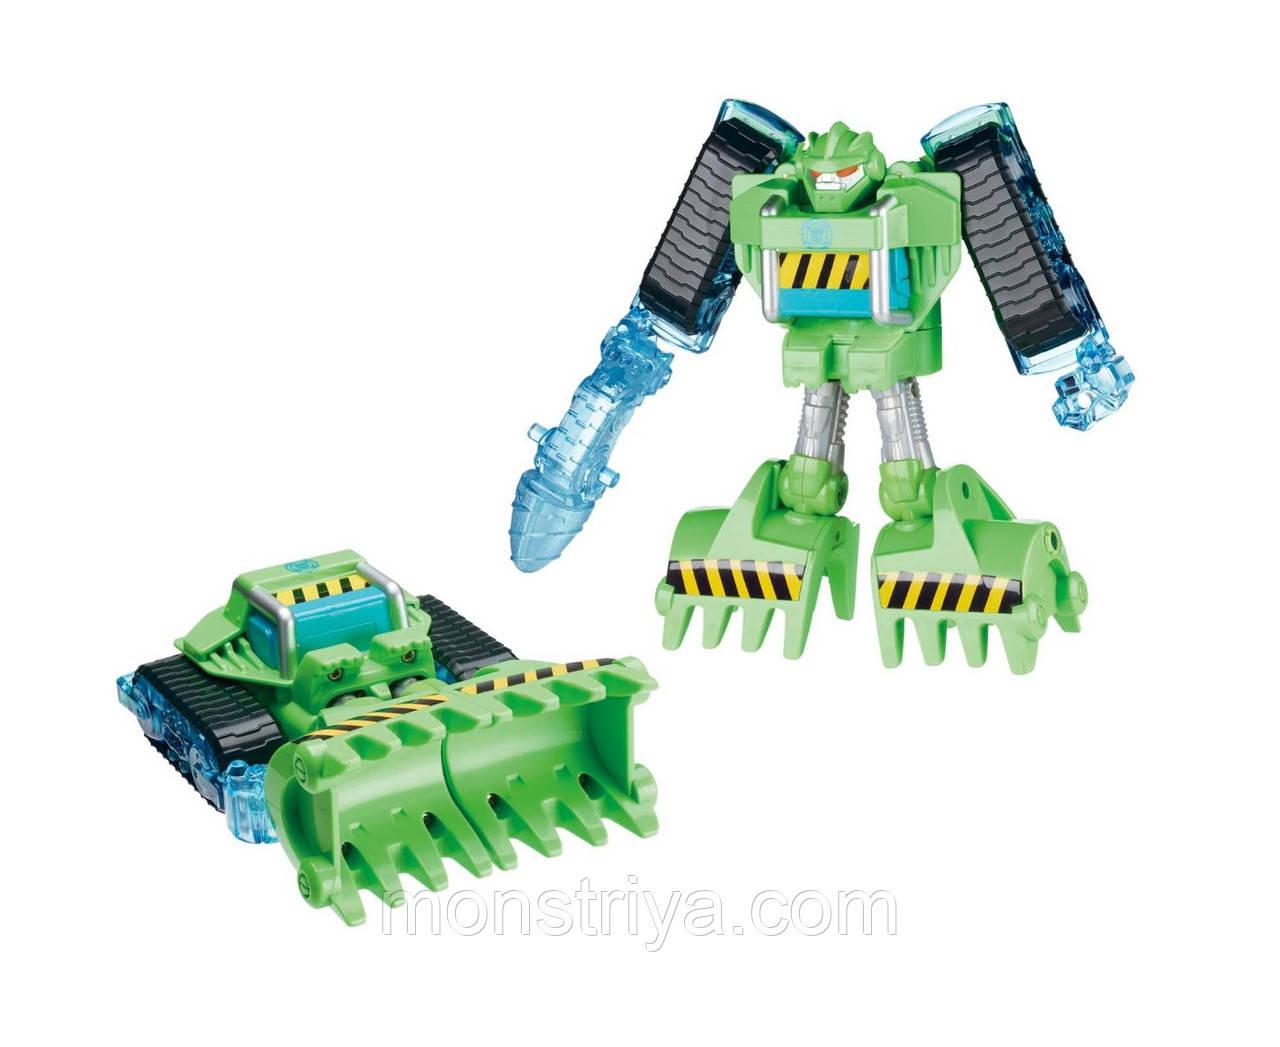 Игрушки подарки для мальчиков роботы 90